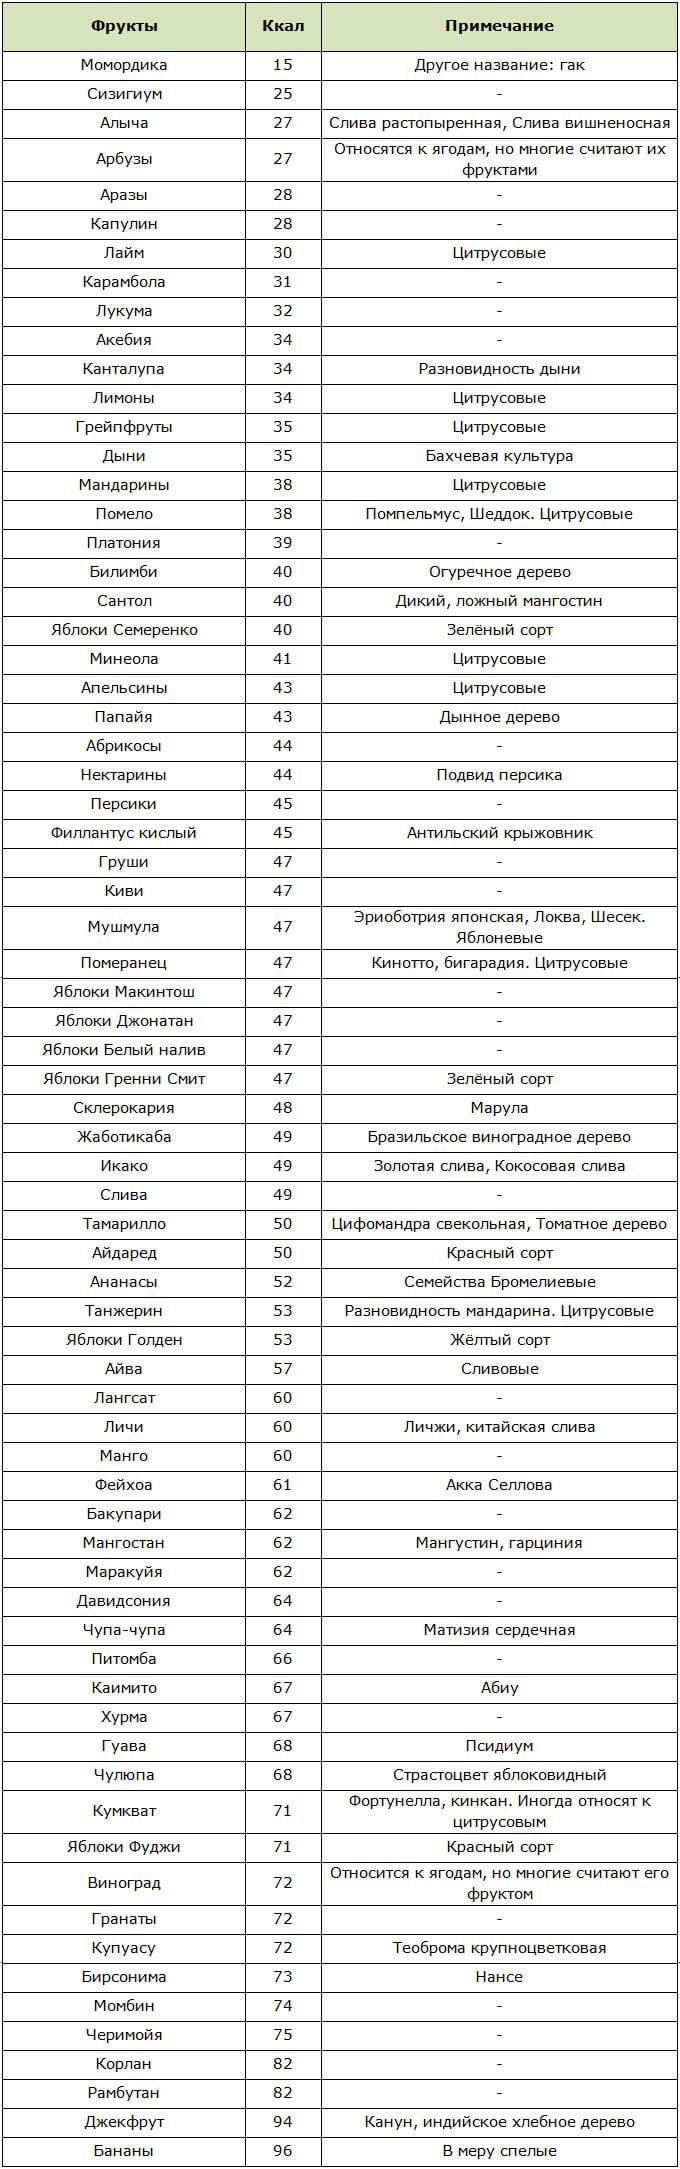 Списки низкокалорийных фруктов, включая самые экзотические: ТОП лучших и таблица калорийности